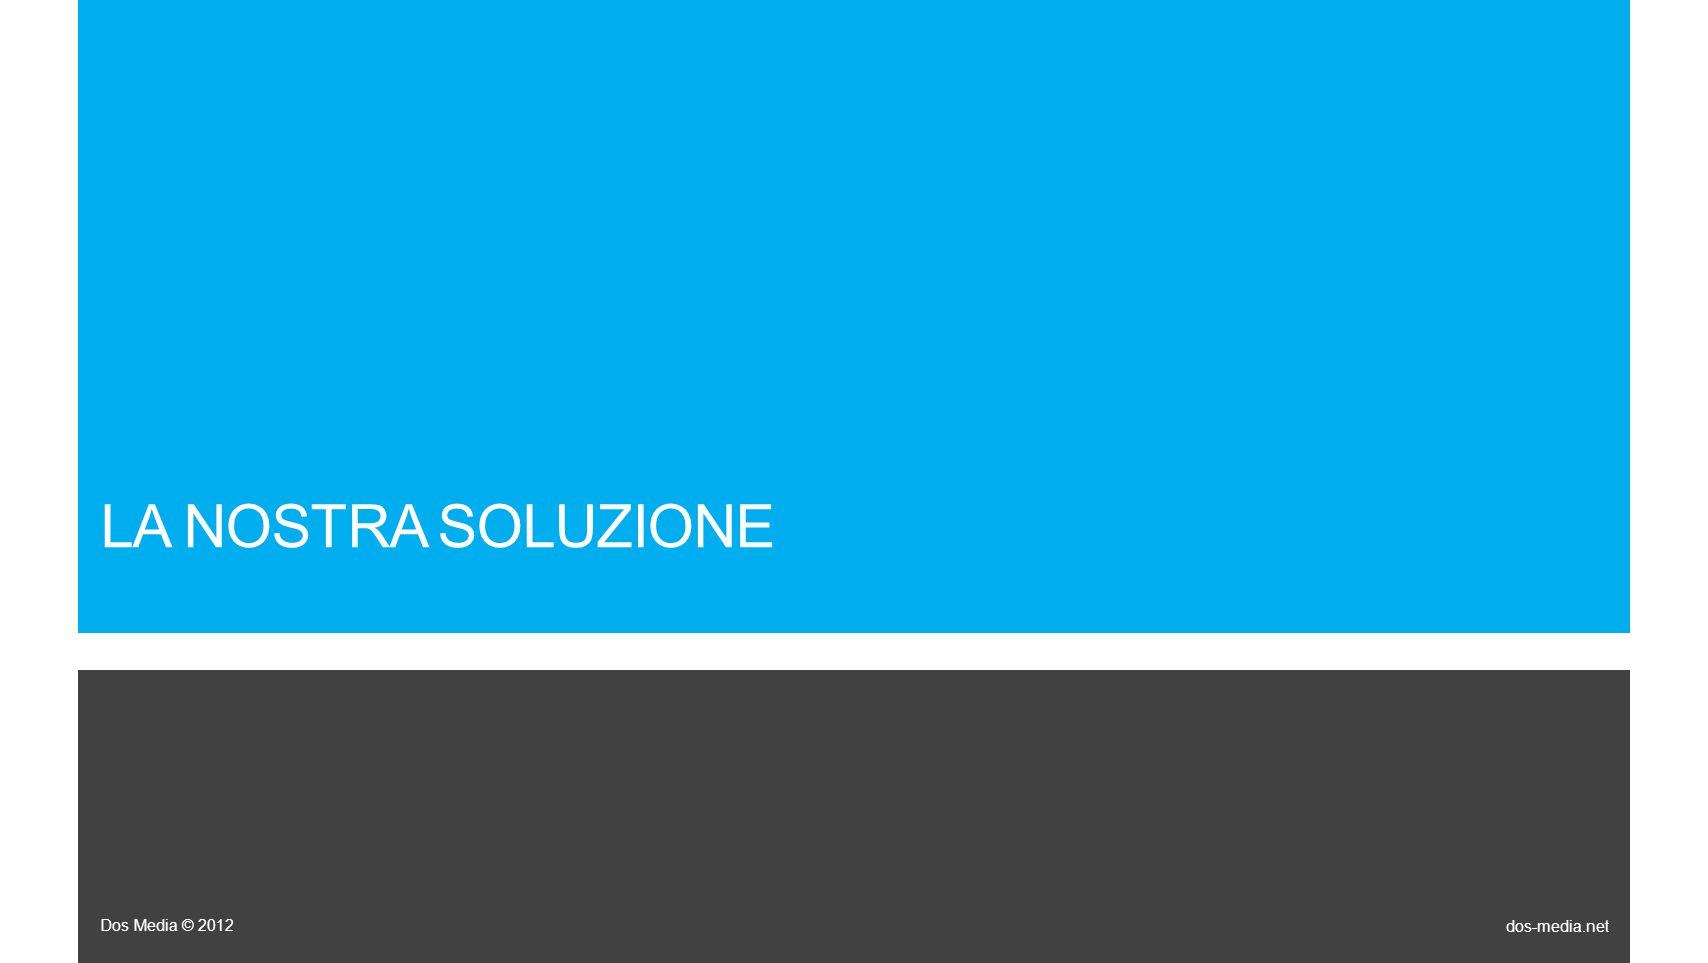 Dos Media B2C B2B MERCATO DI RIFERIMENTO Mercato B2B Immissione sul mercato piattaforma FindPlace SDK Vendita di servizi e consulenza nell'ambito dello sviluppo di soluzioni custom basate su tecnologie semantiche Potenziali Clienti e Partners per la tecnologia FindPlace e derivati Data provider integrati in FindPlace.